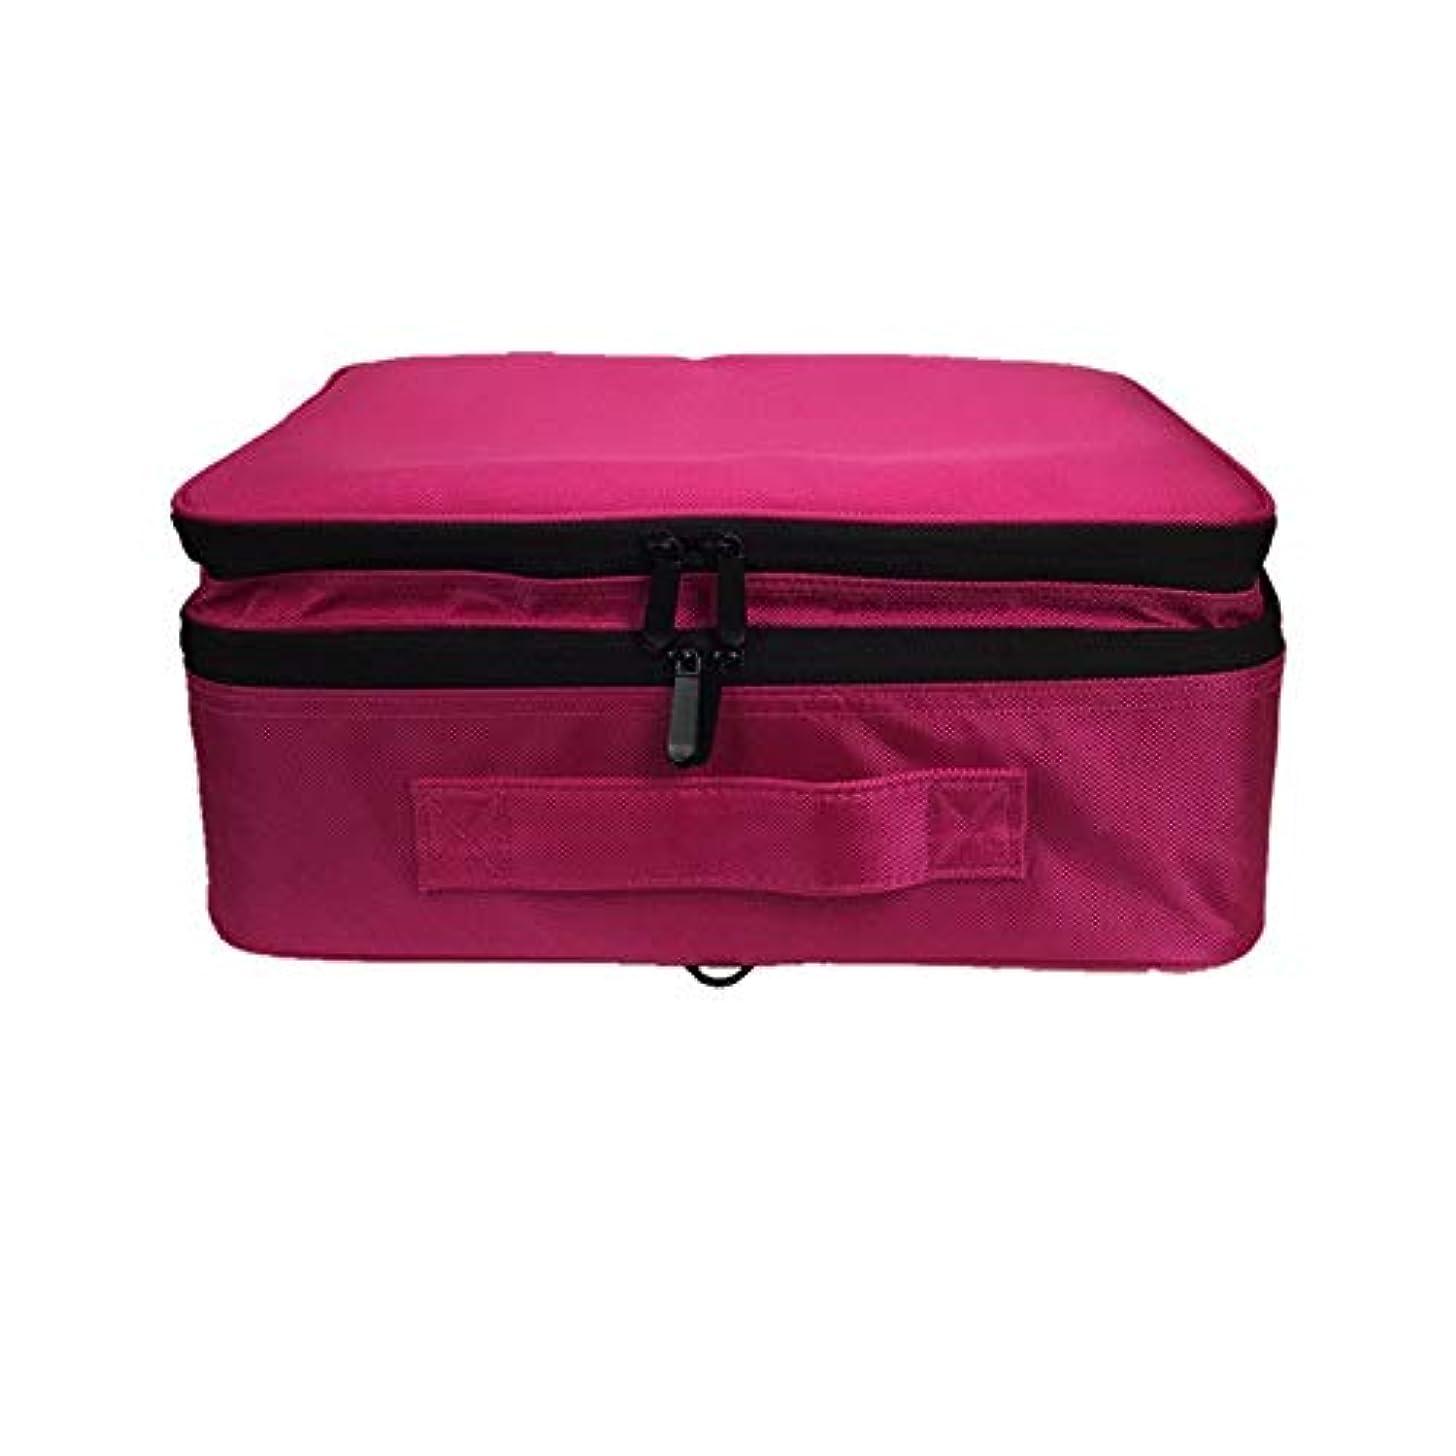 運動ガラス肩をすくめる特大スペース収納ビューティーボックス 女の子の女性旅行のための新しく、実用的な携帯用化粧箱およびロックおよび皿が付いている毎日の貯蔵 化粧品化粧台 (色 : 赤)